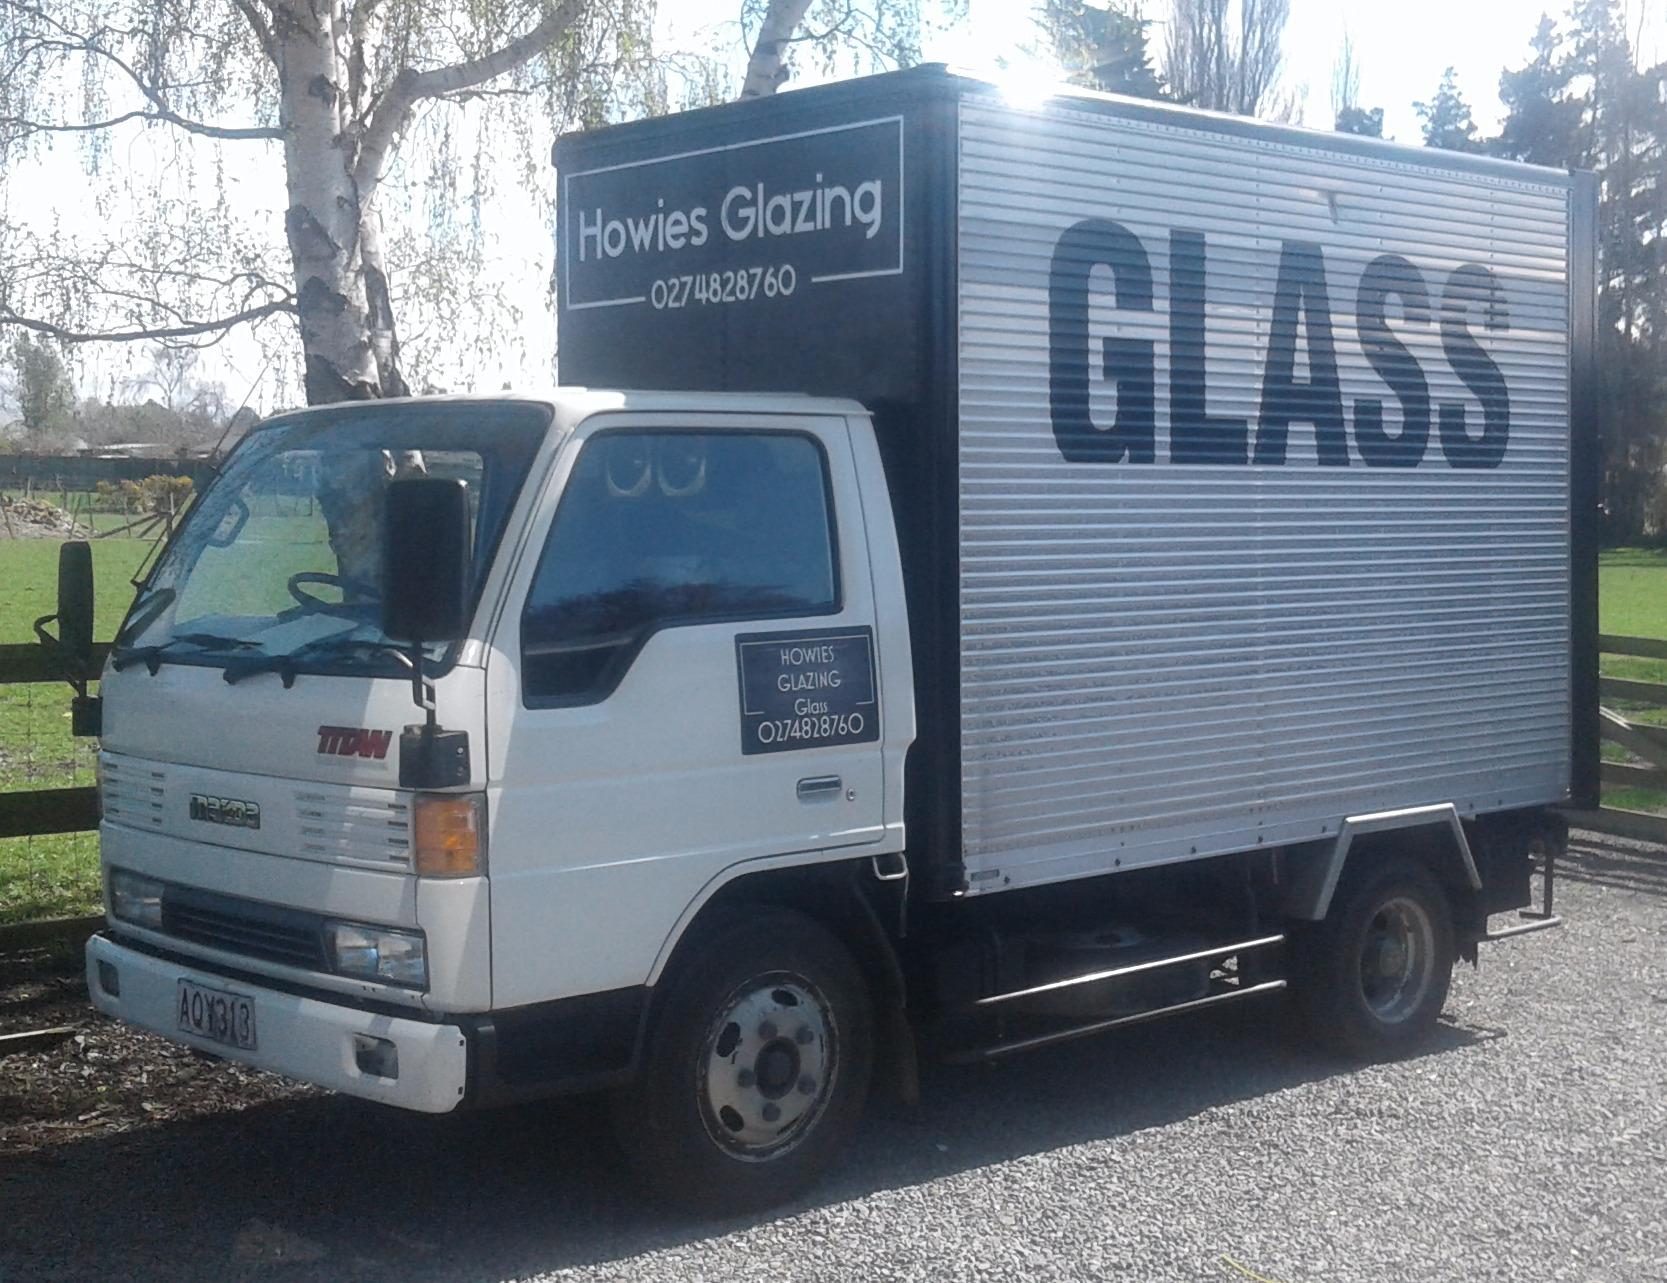 Howies Glazing